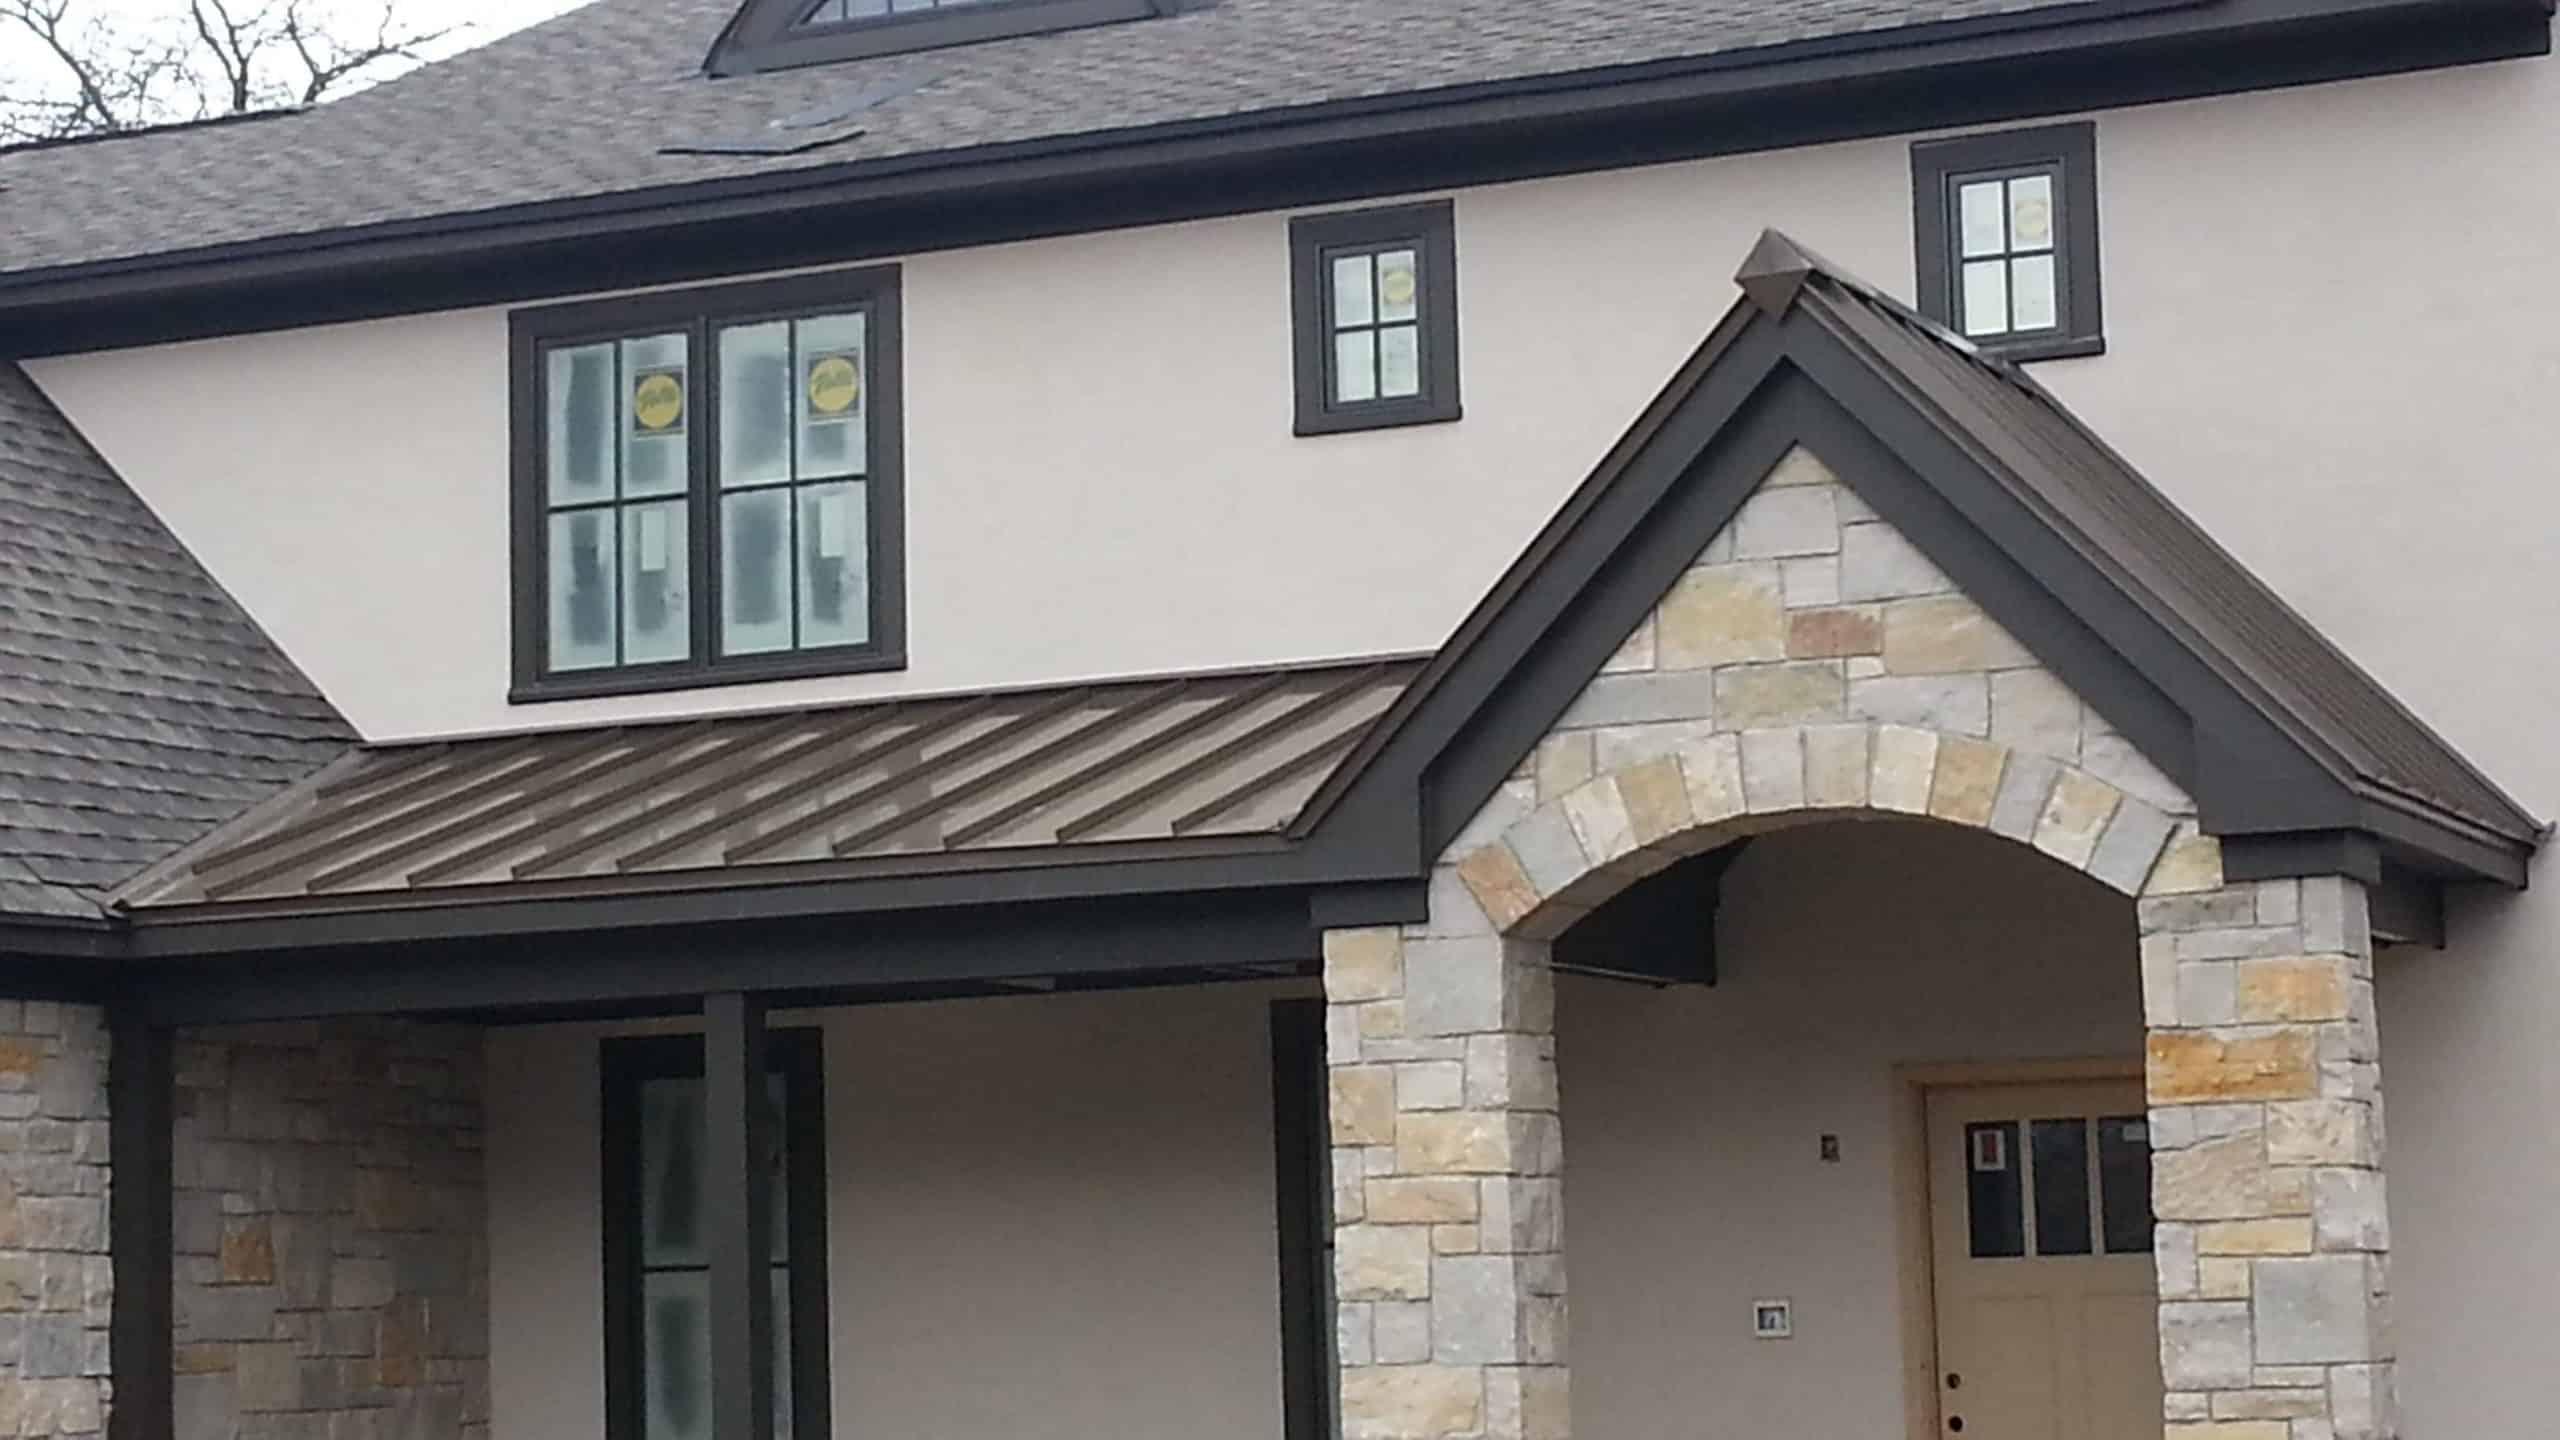 Steel Roofing Pella Windows Project Deerfield Il